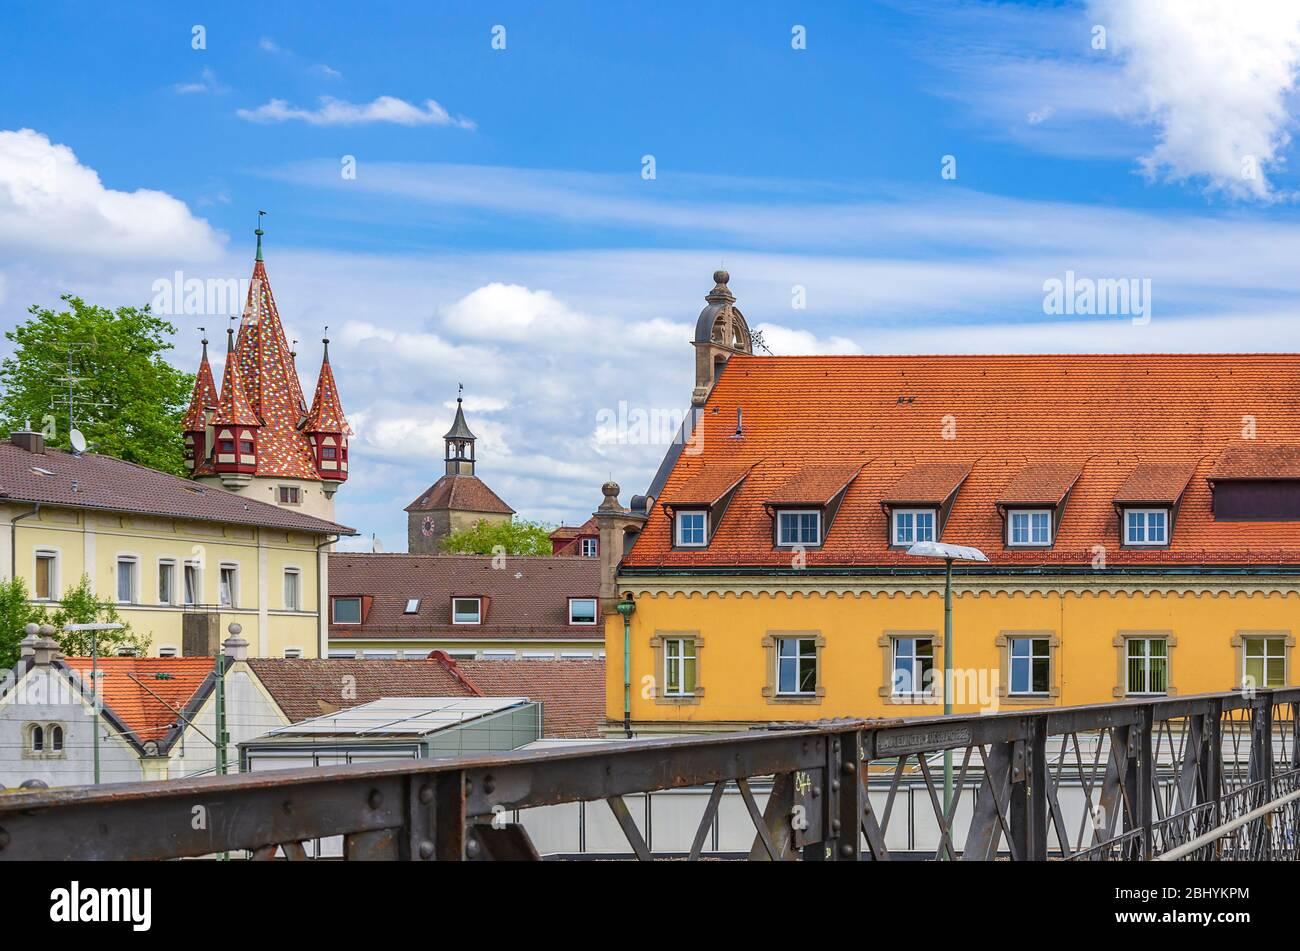 Der Diebe-Turm und das neue Kunstmuseum im ehemaligen Hauptpostamt Lindau am Bodensee, Bayern, Deutschland, Europa. The Diebsturm and the new Stockfoto